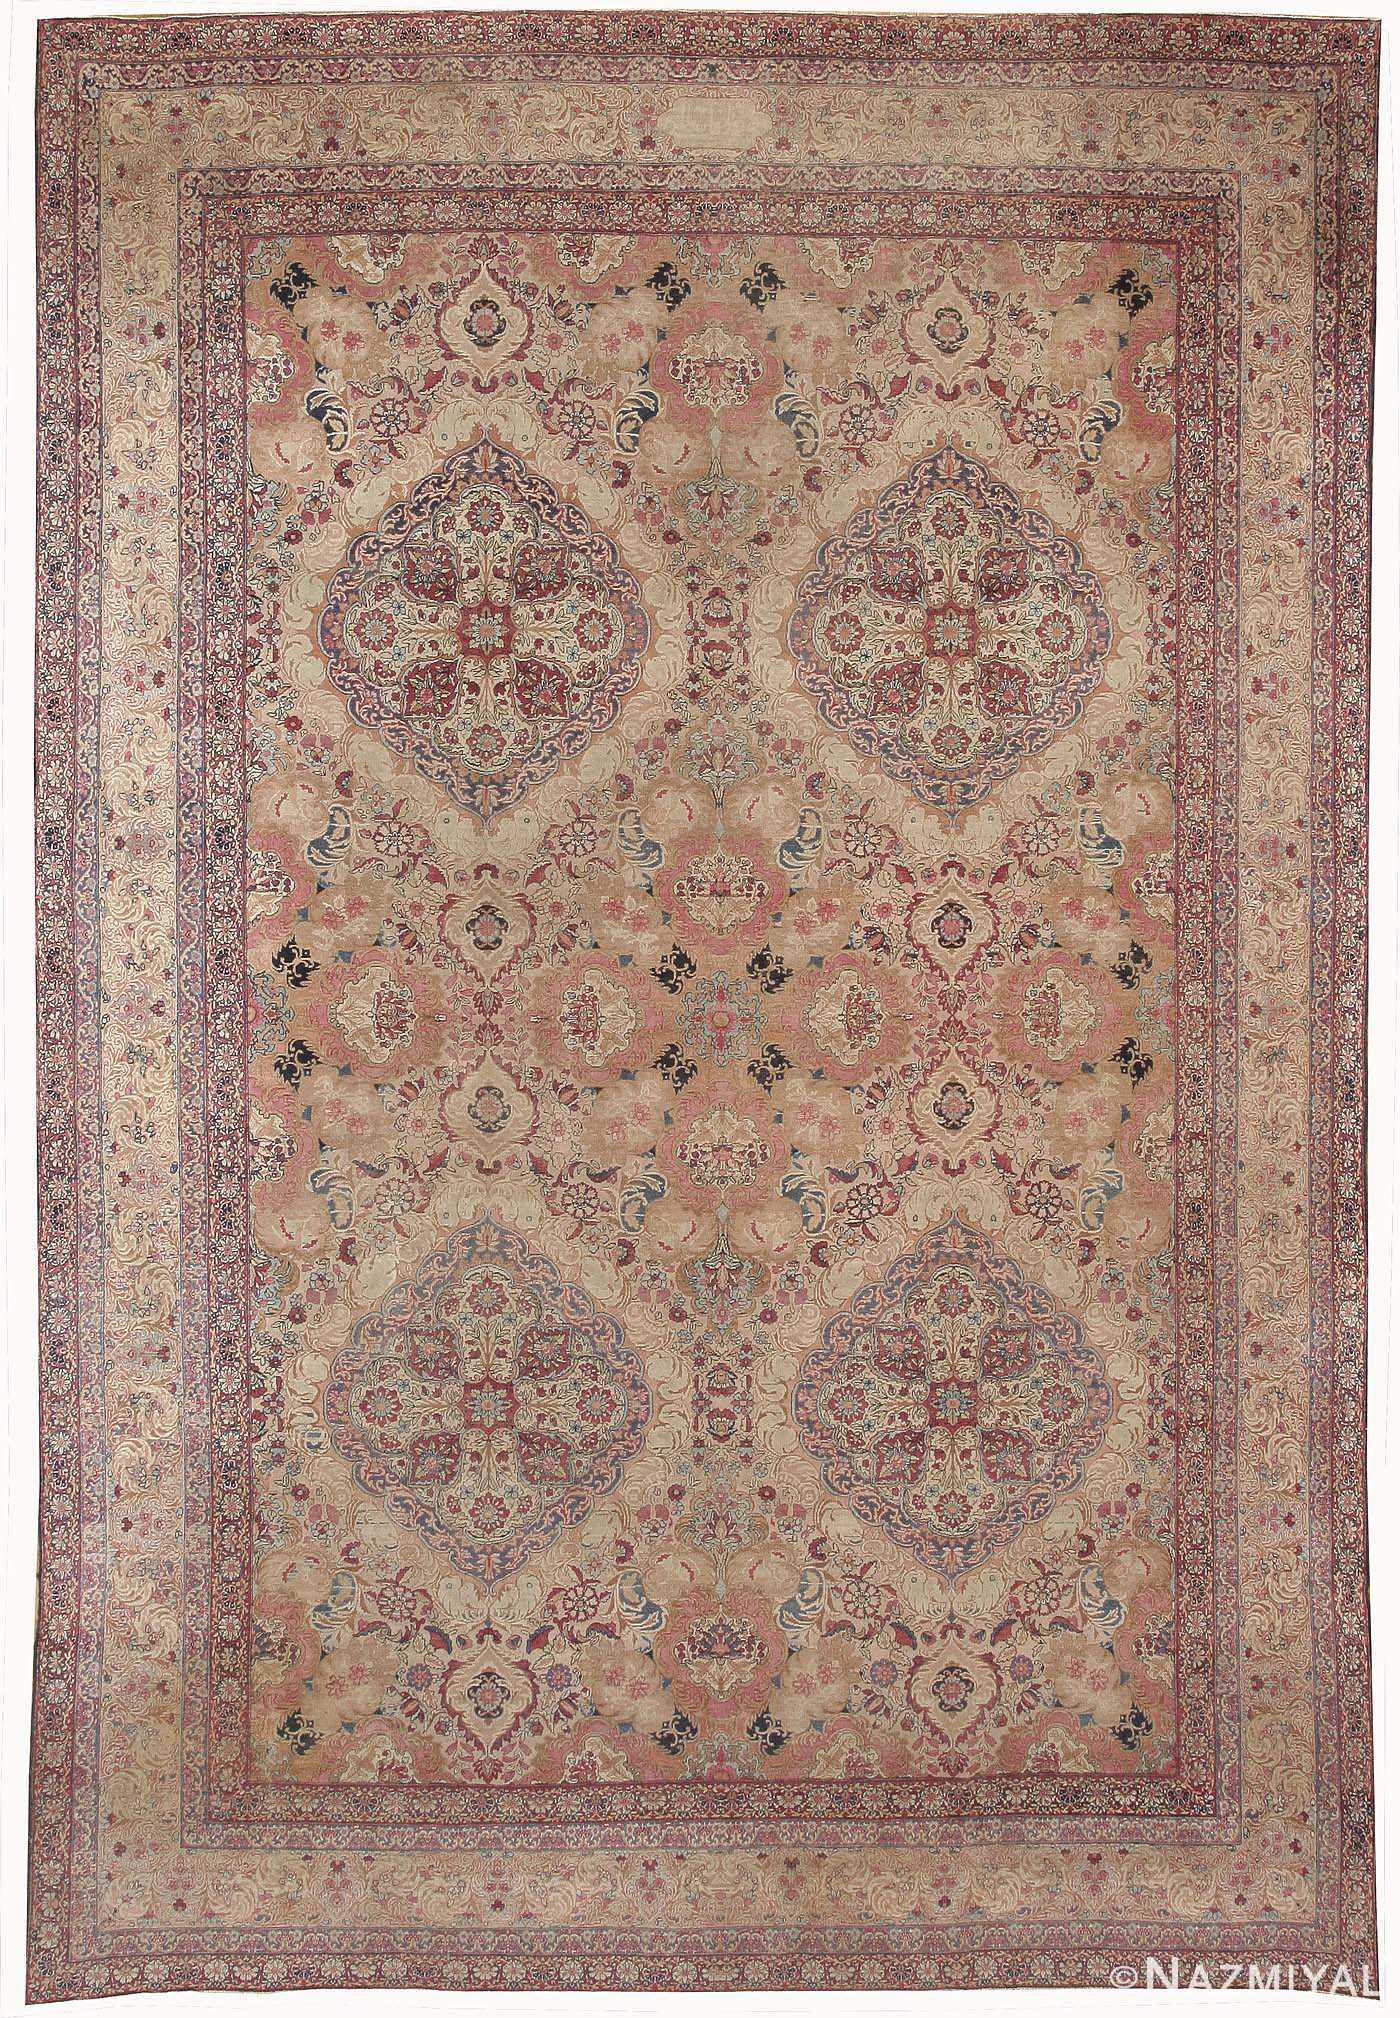 Antique Persian Rug 42487 By Nazmiyal